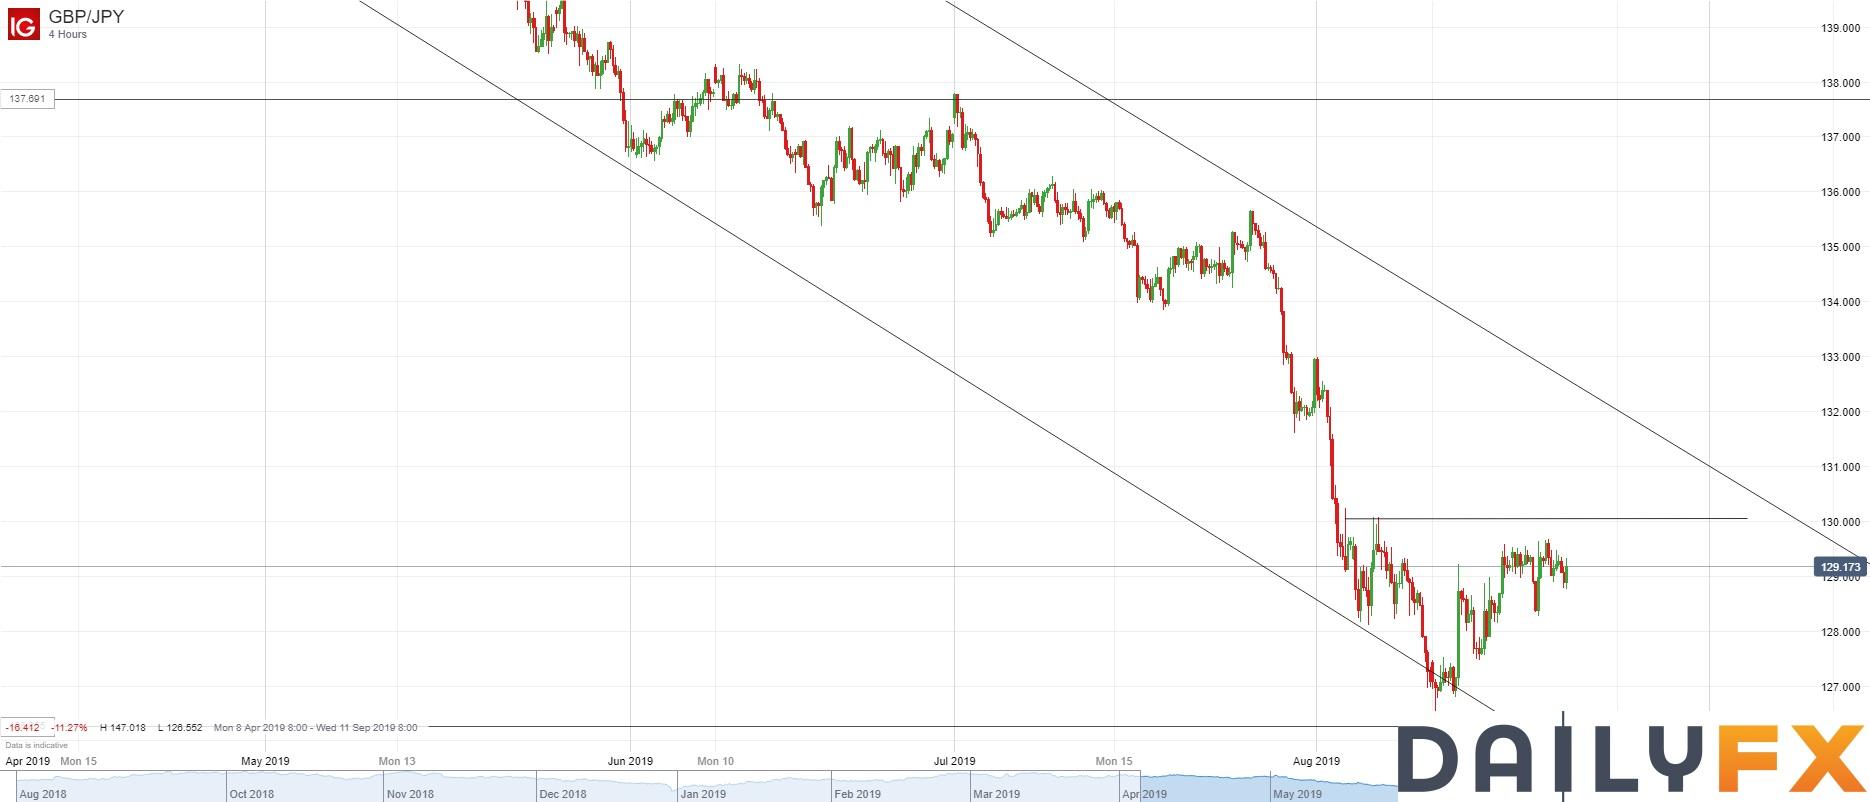 英镑/日元技术分析:4小时图短期主要关注130.00阻力